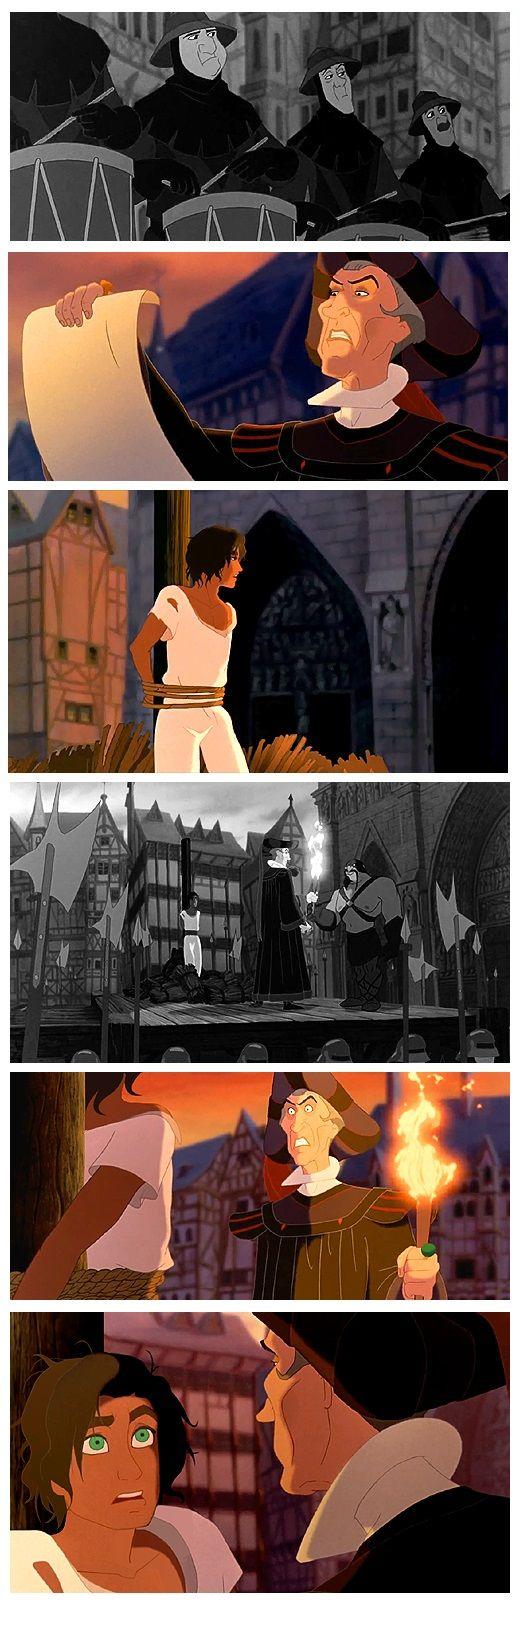 execution of genderbend Esmeralda and gay Frollo by esmeraldo The expression on Esmeralda's face D: